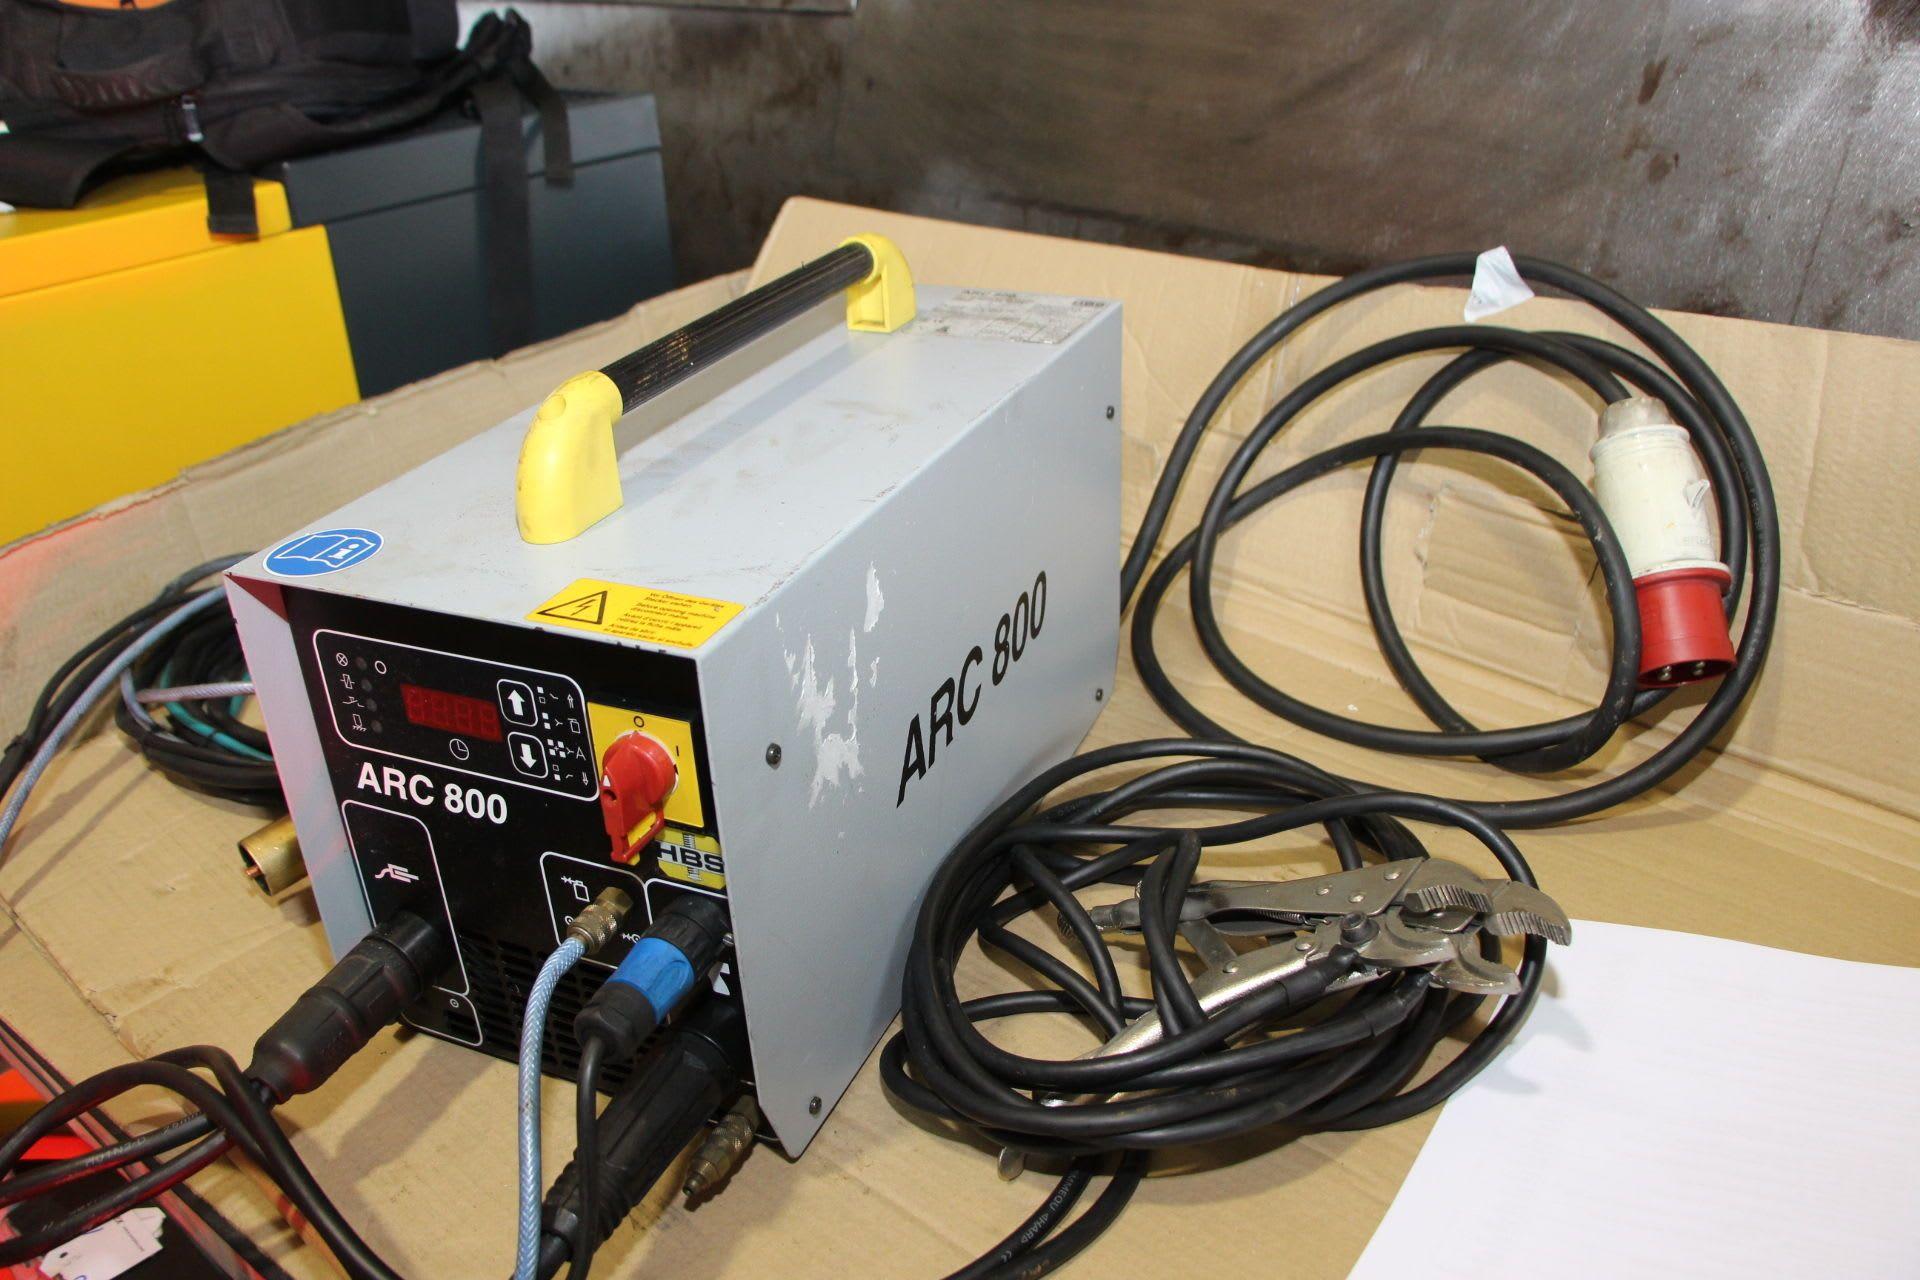 HBS ARC 800 Schweißmaschine